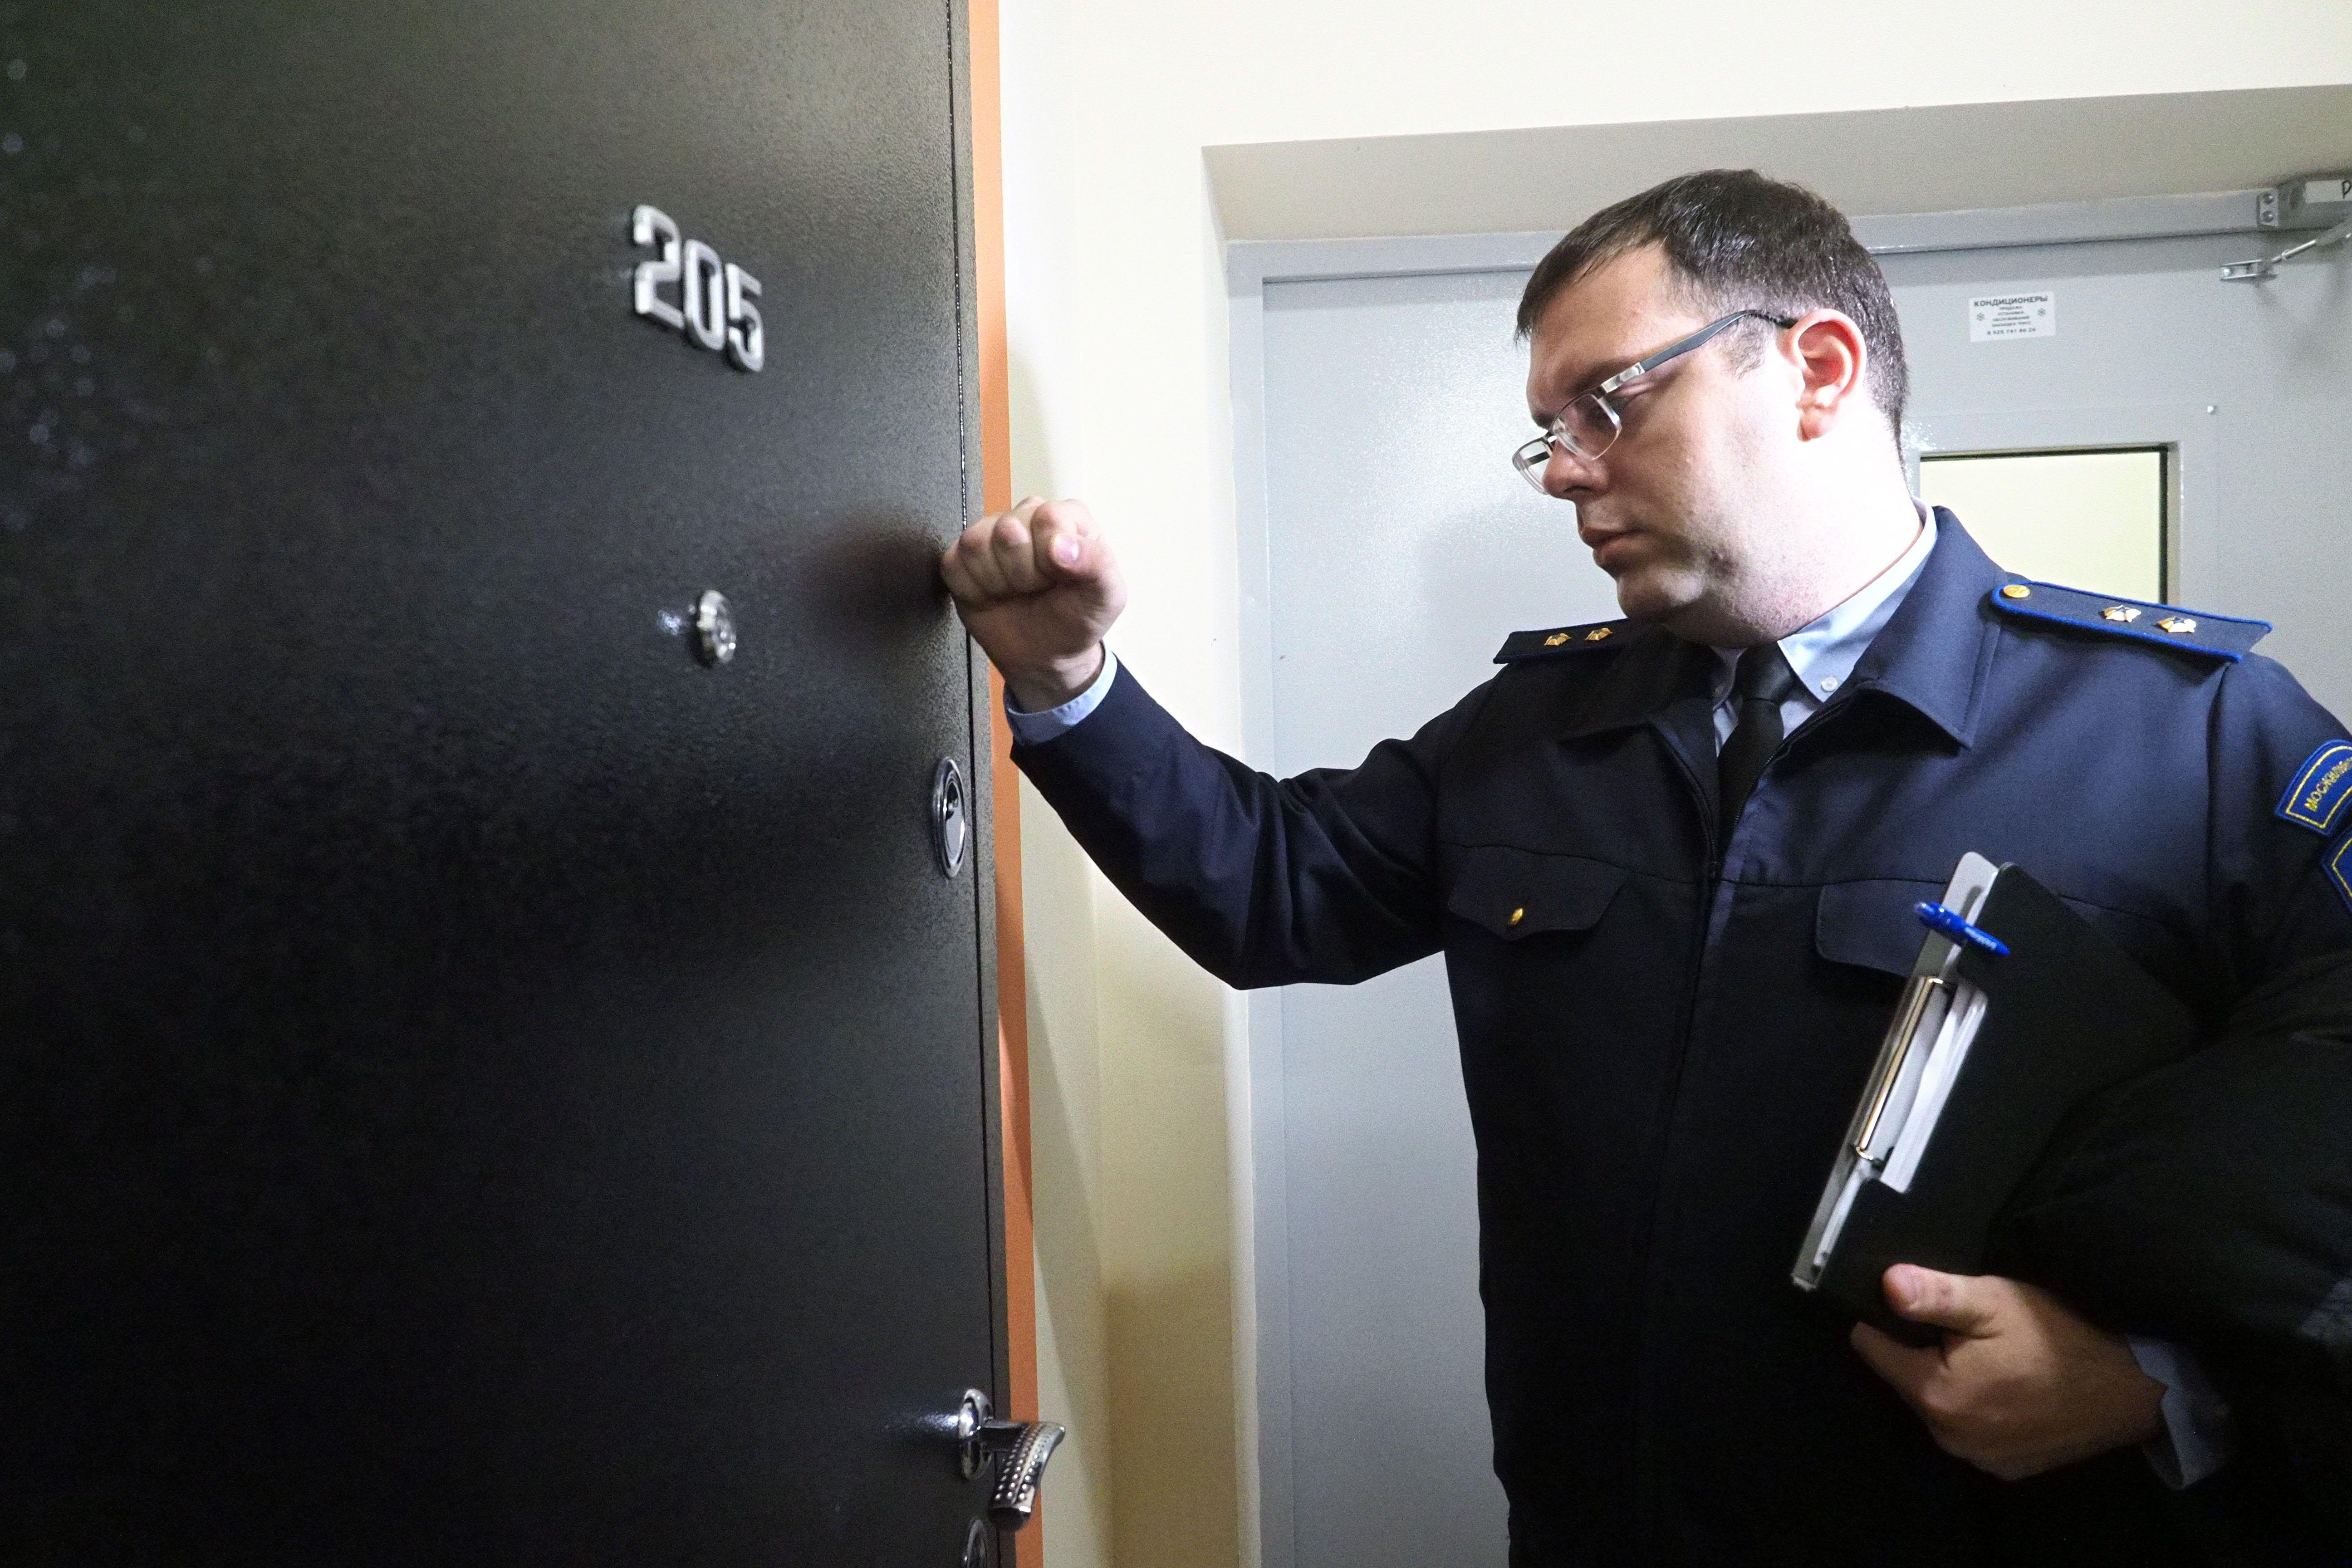 Владельцев незаконных хостелов накажут через суд